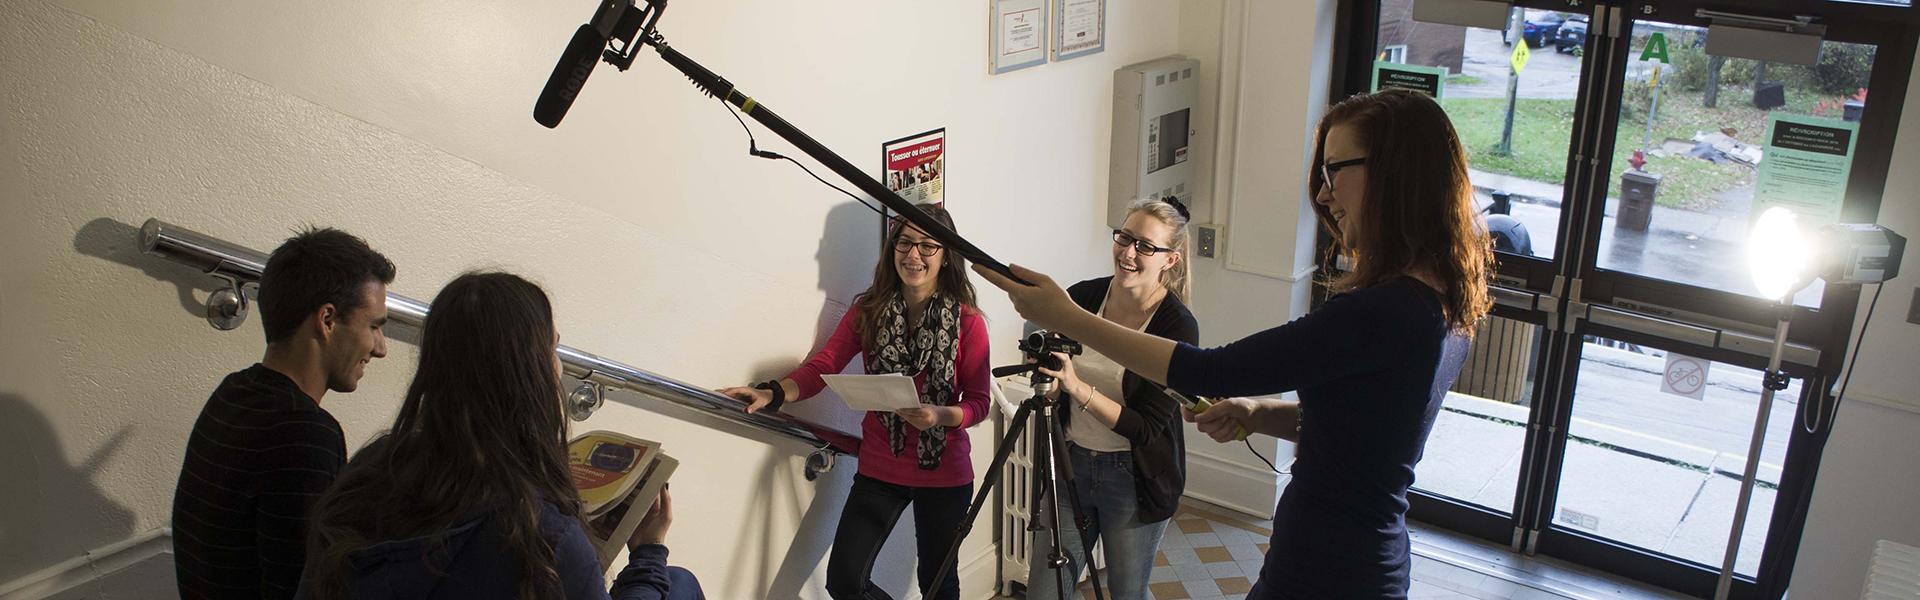 Étudiantes du programme Arts, lettres et communication réalisant une vidéo documentaire